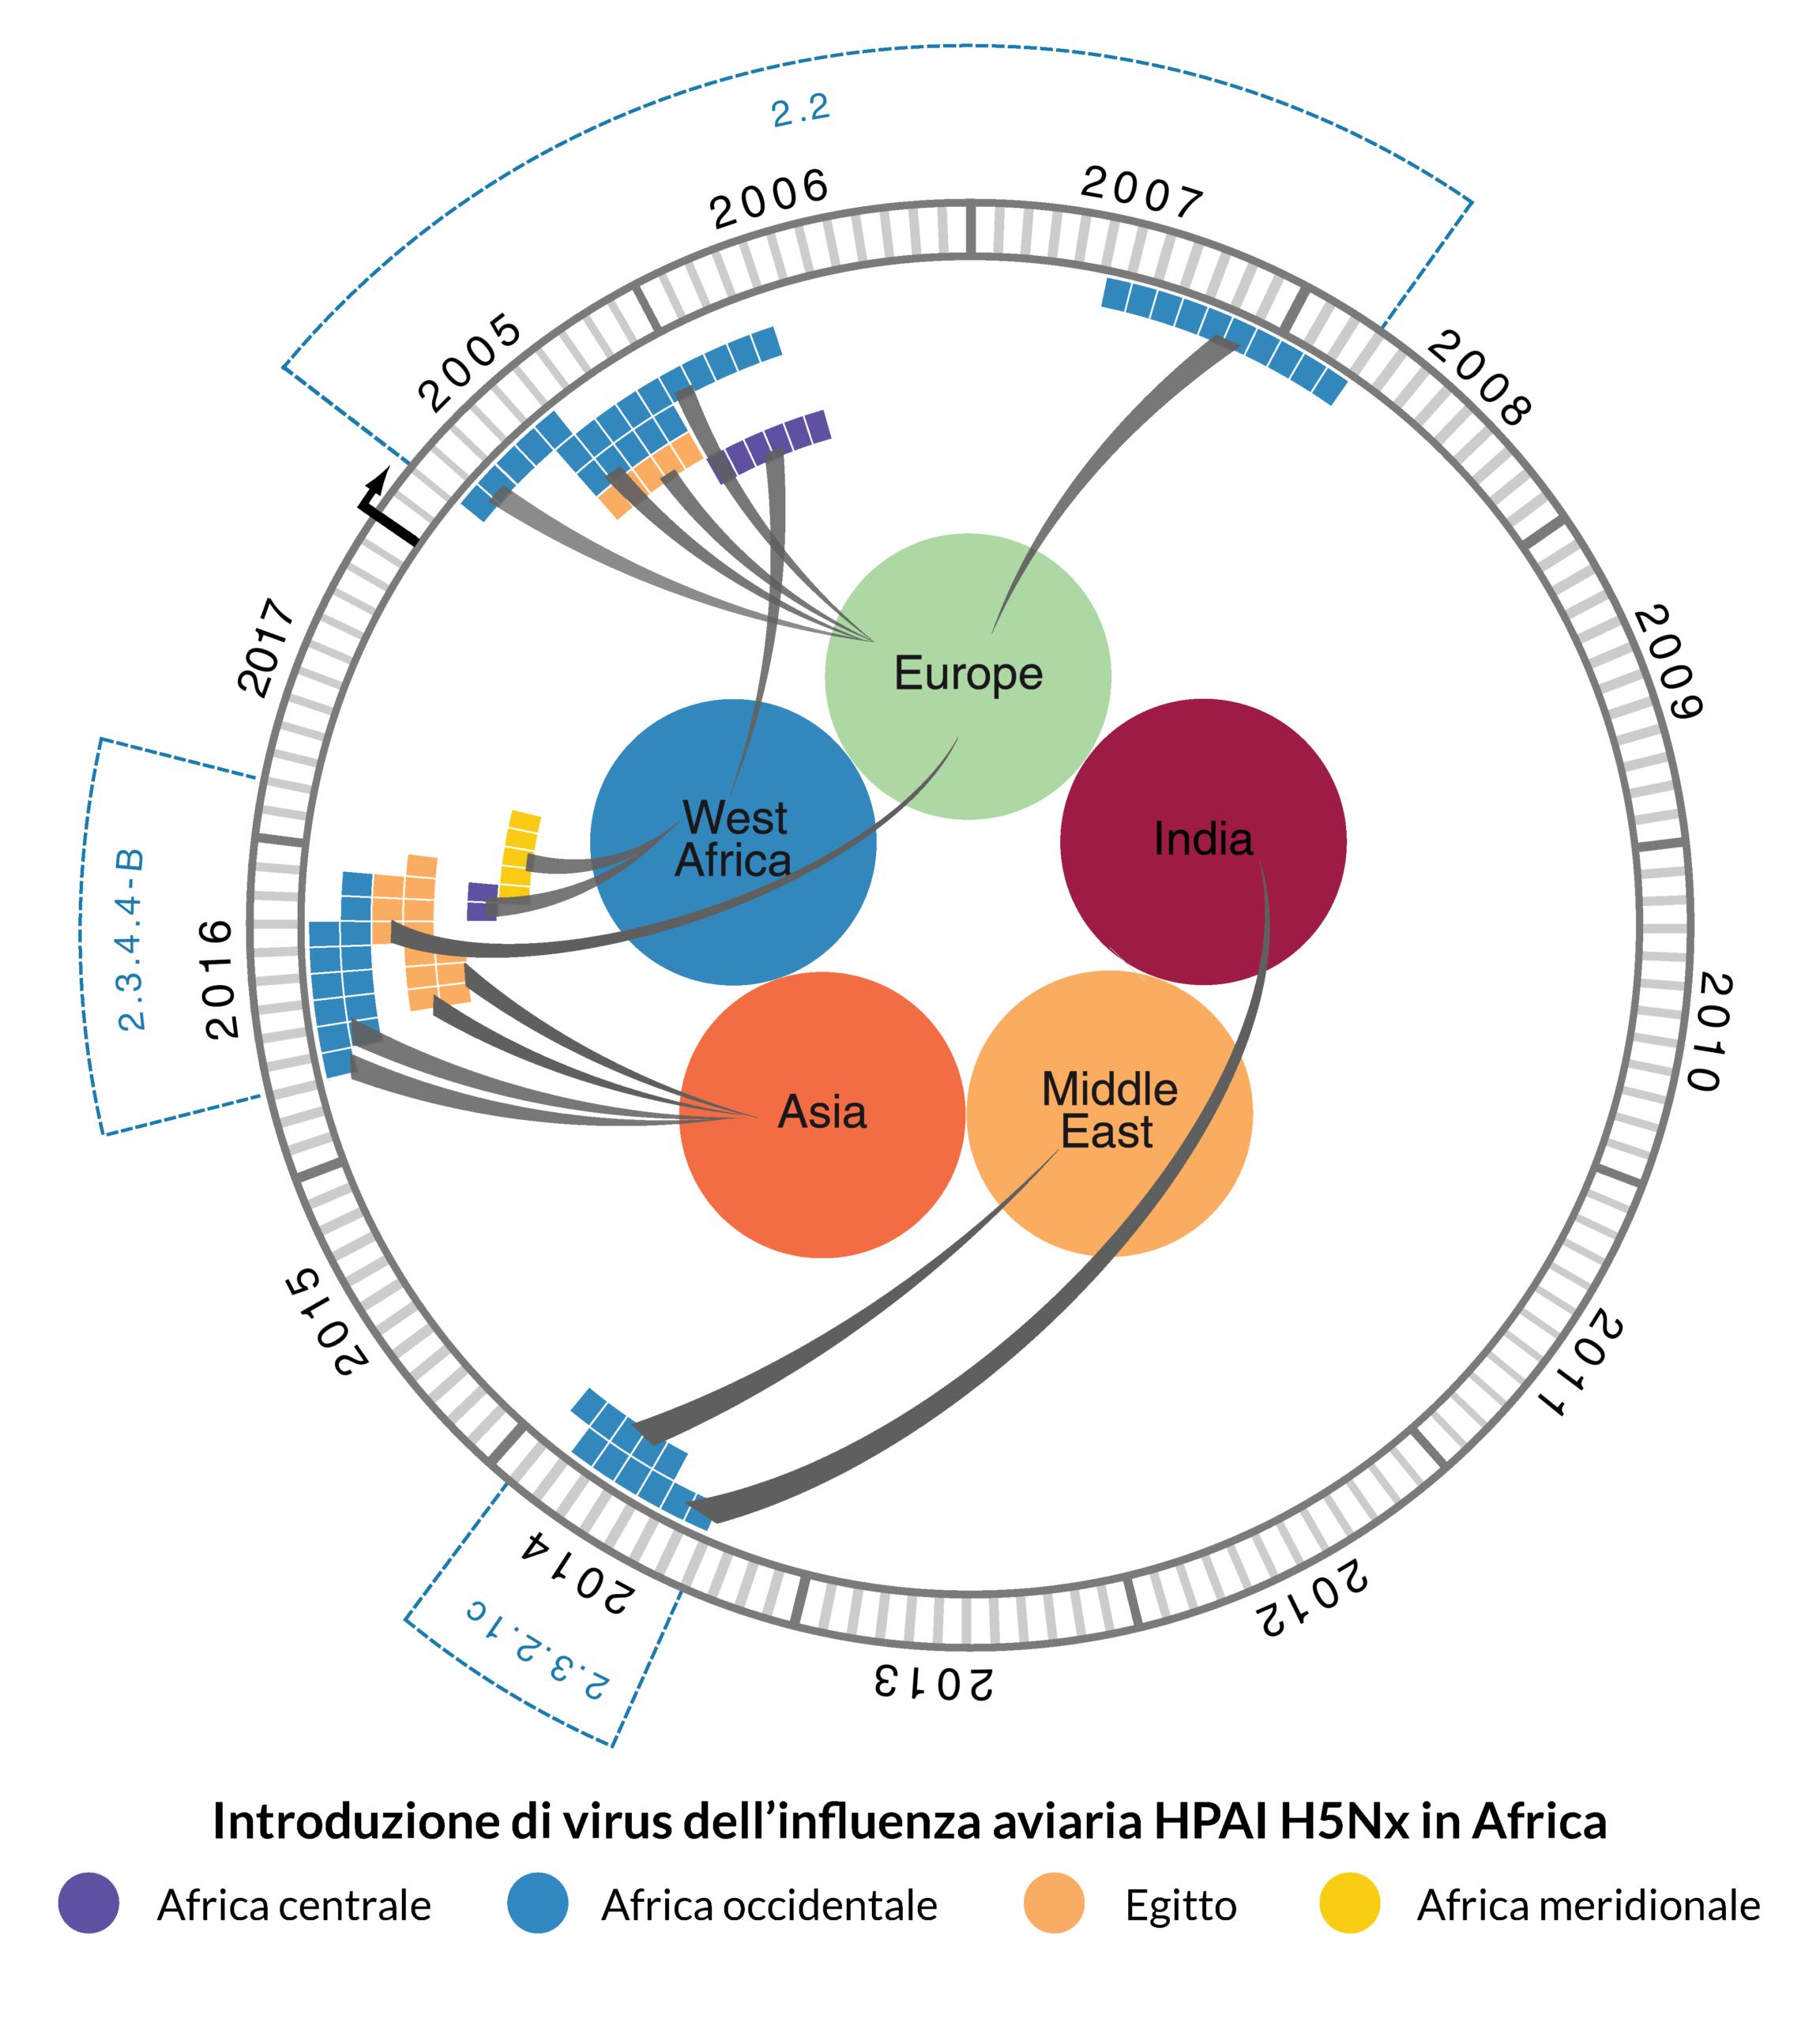 Introduzione di virus dell'influenza aviaria HPAI H5Nx in Africa